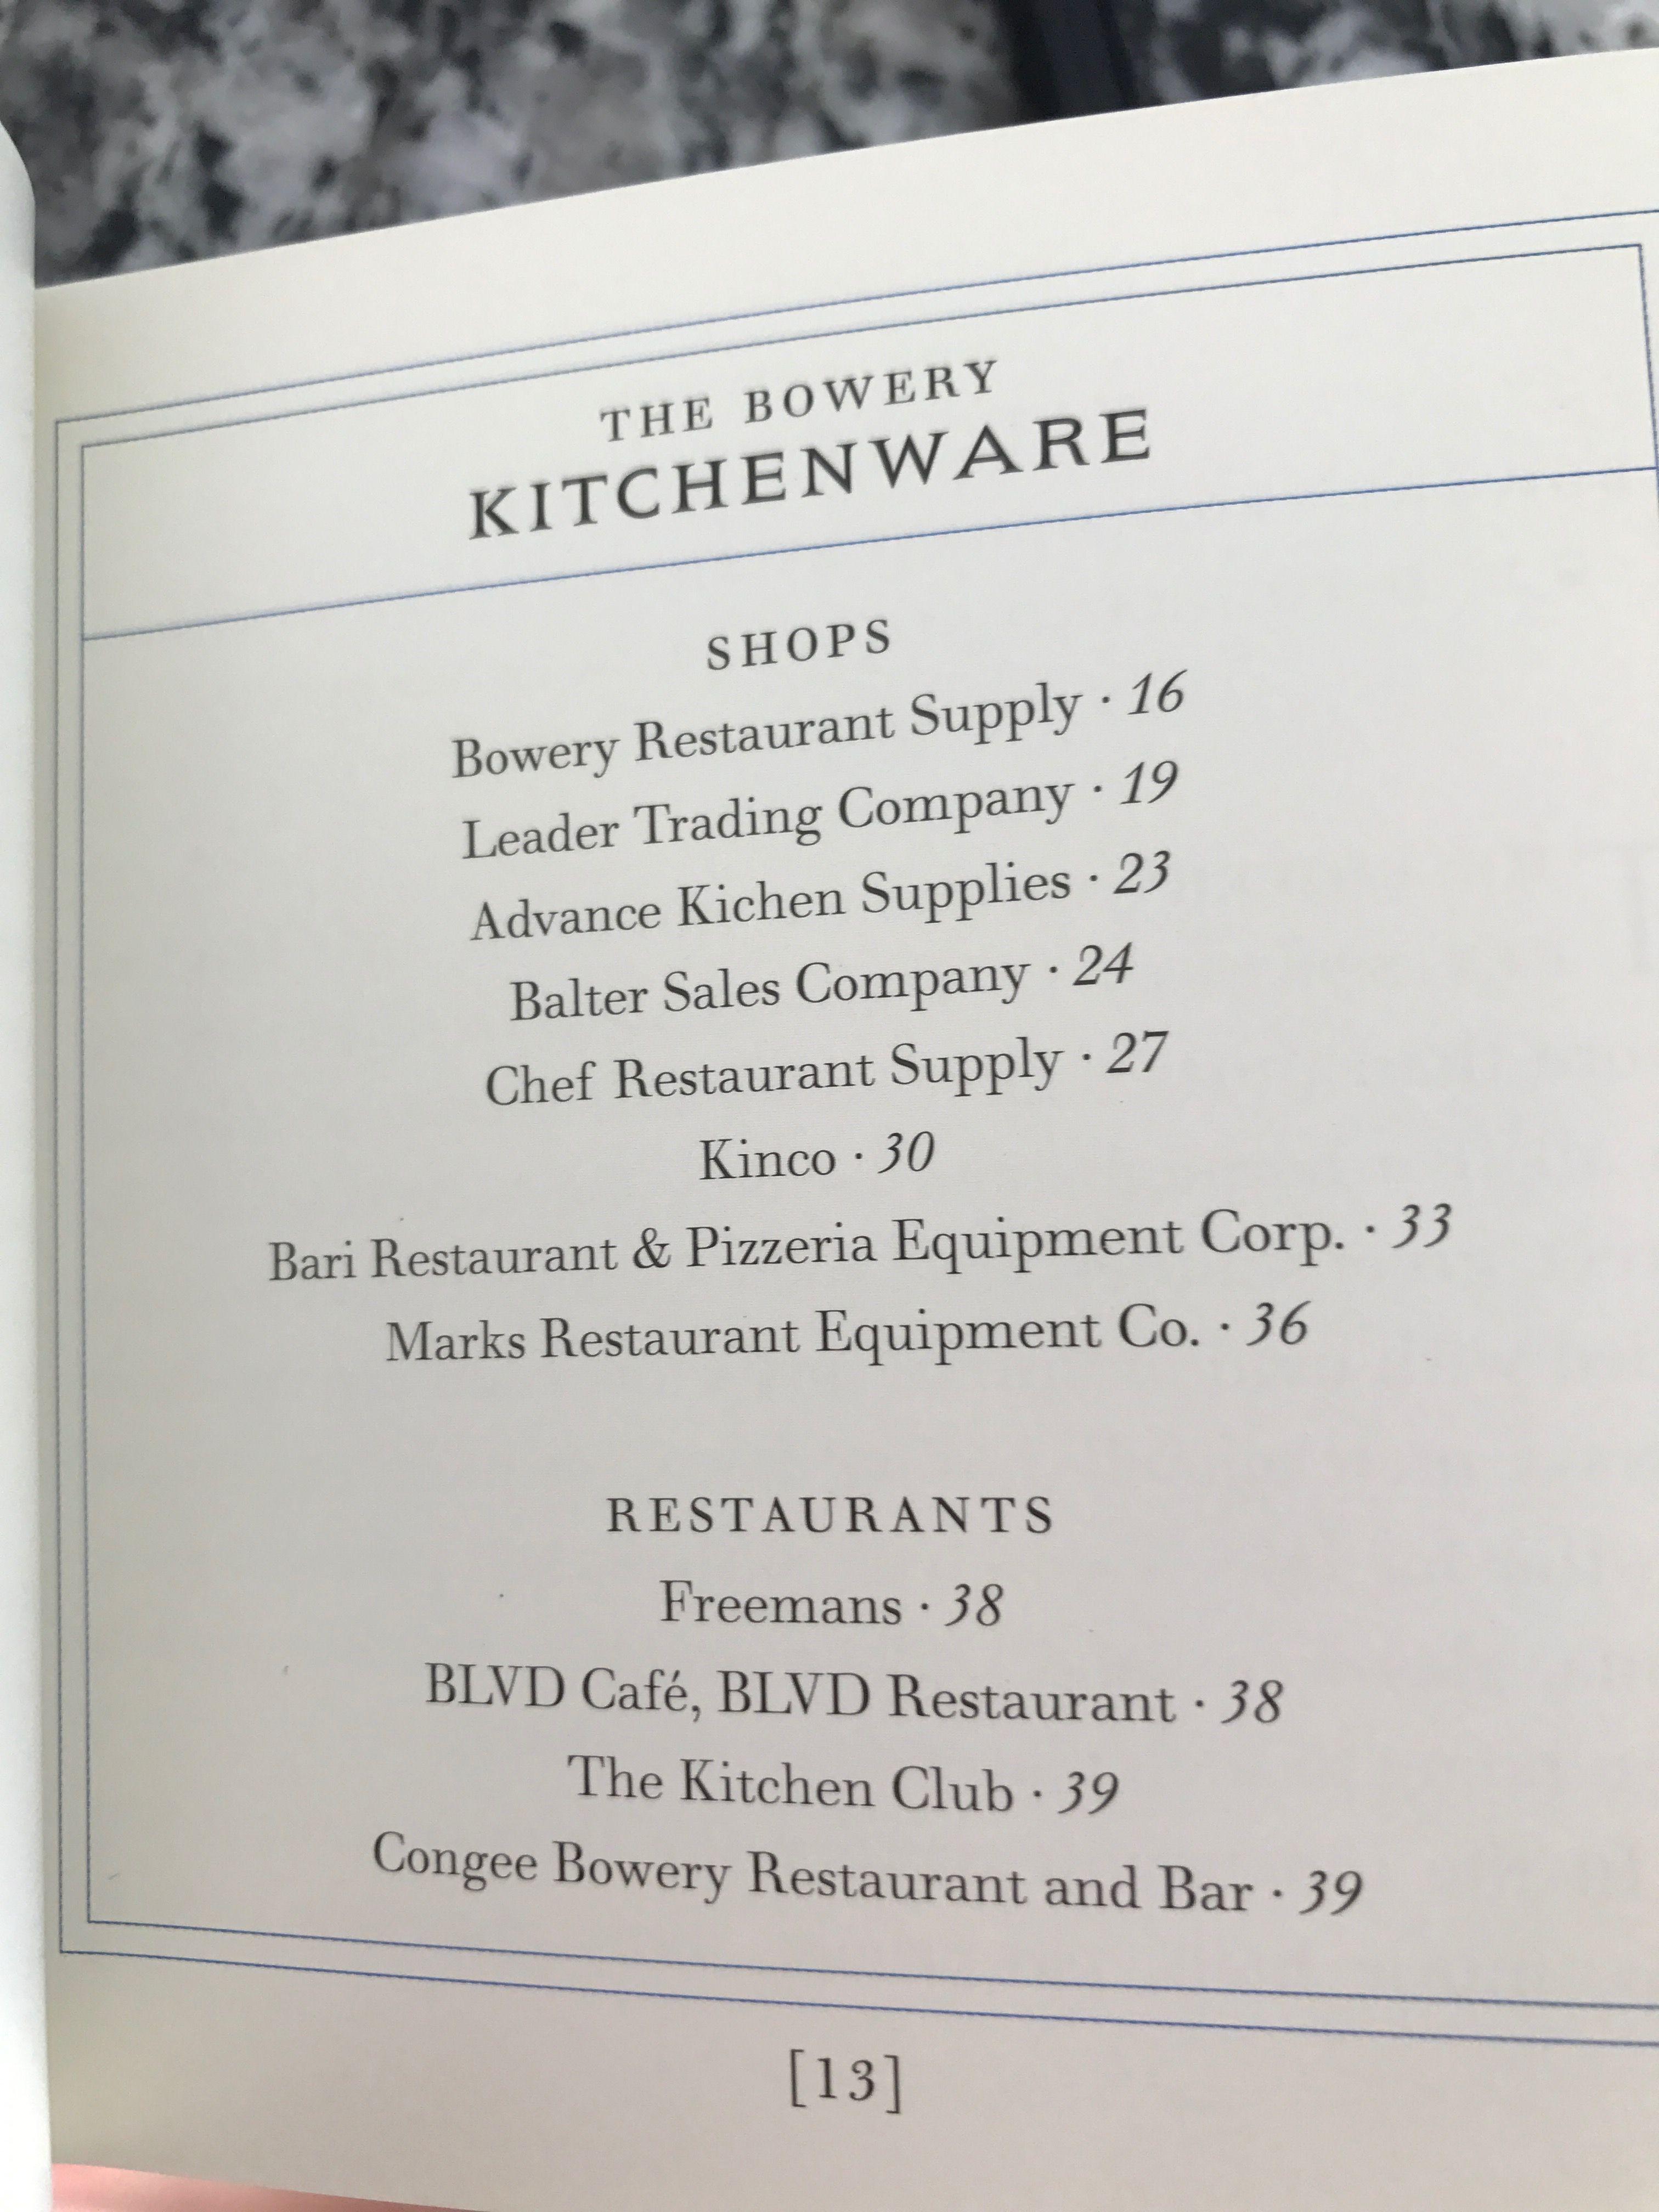 Bowery Shopping Kitchenware Kitchenware Shop Restaurant Supplies Restaurant Equipment